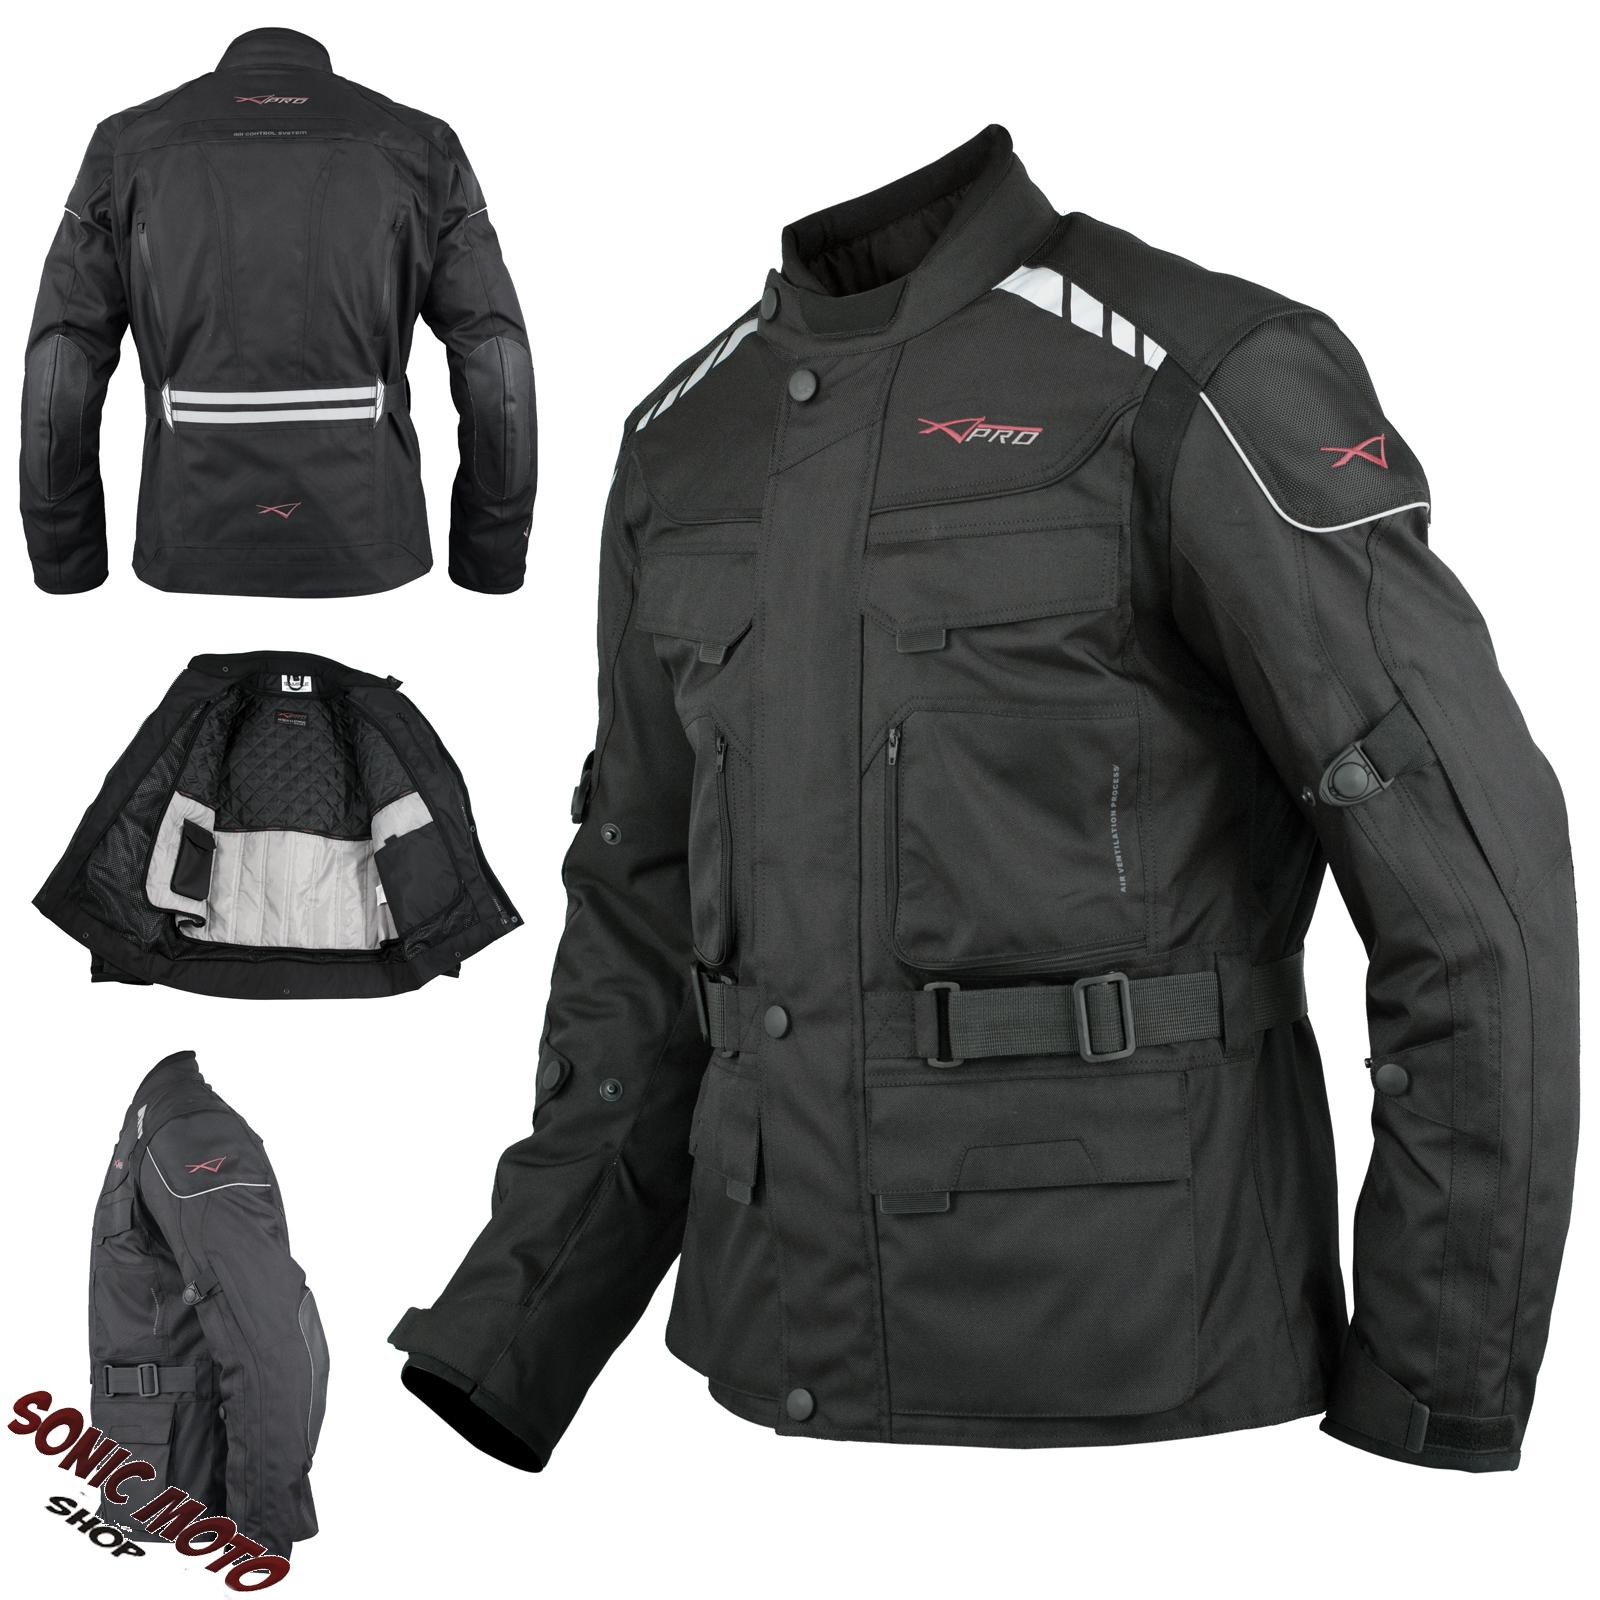 Giacca-Impermeabile-Moto-Tessuto-Protezioni-CE-Scooter-Viaggio